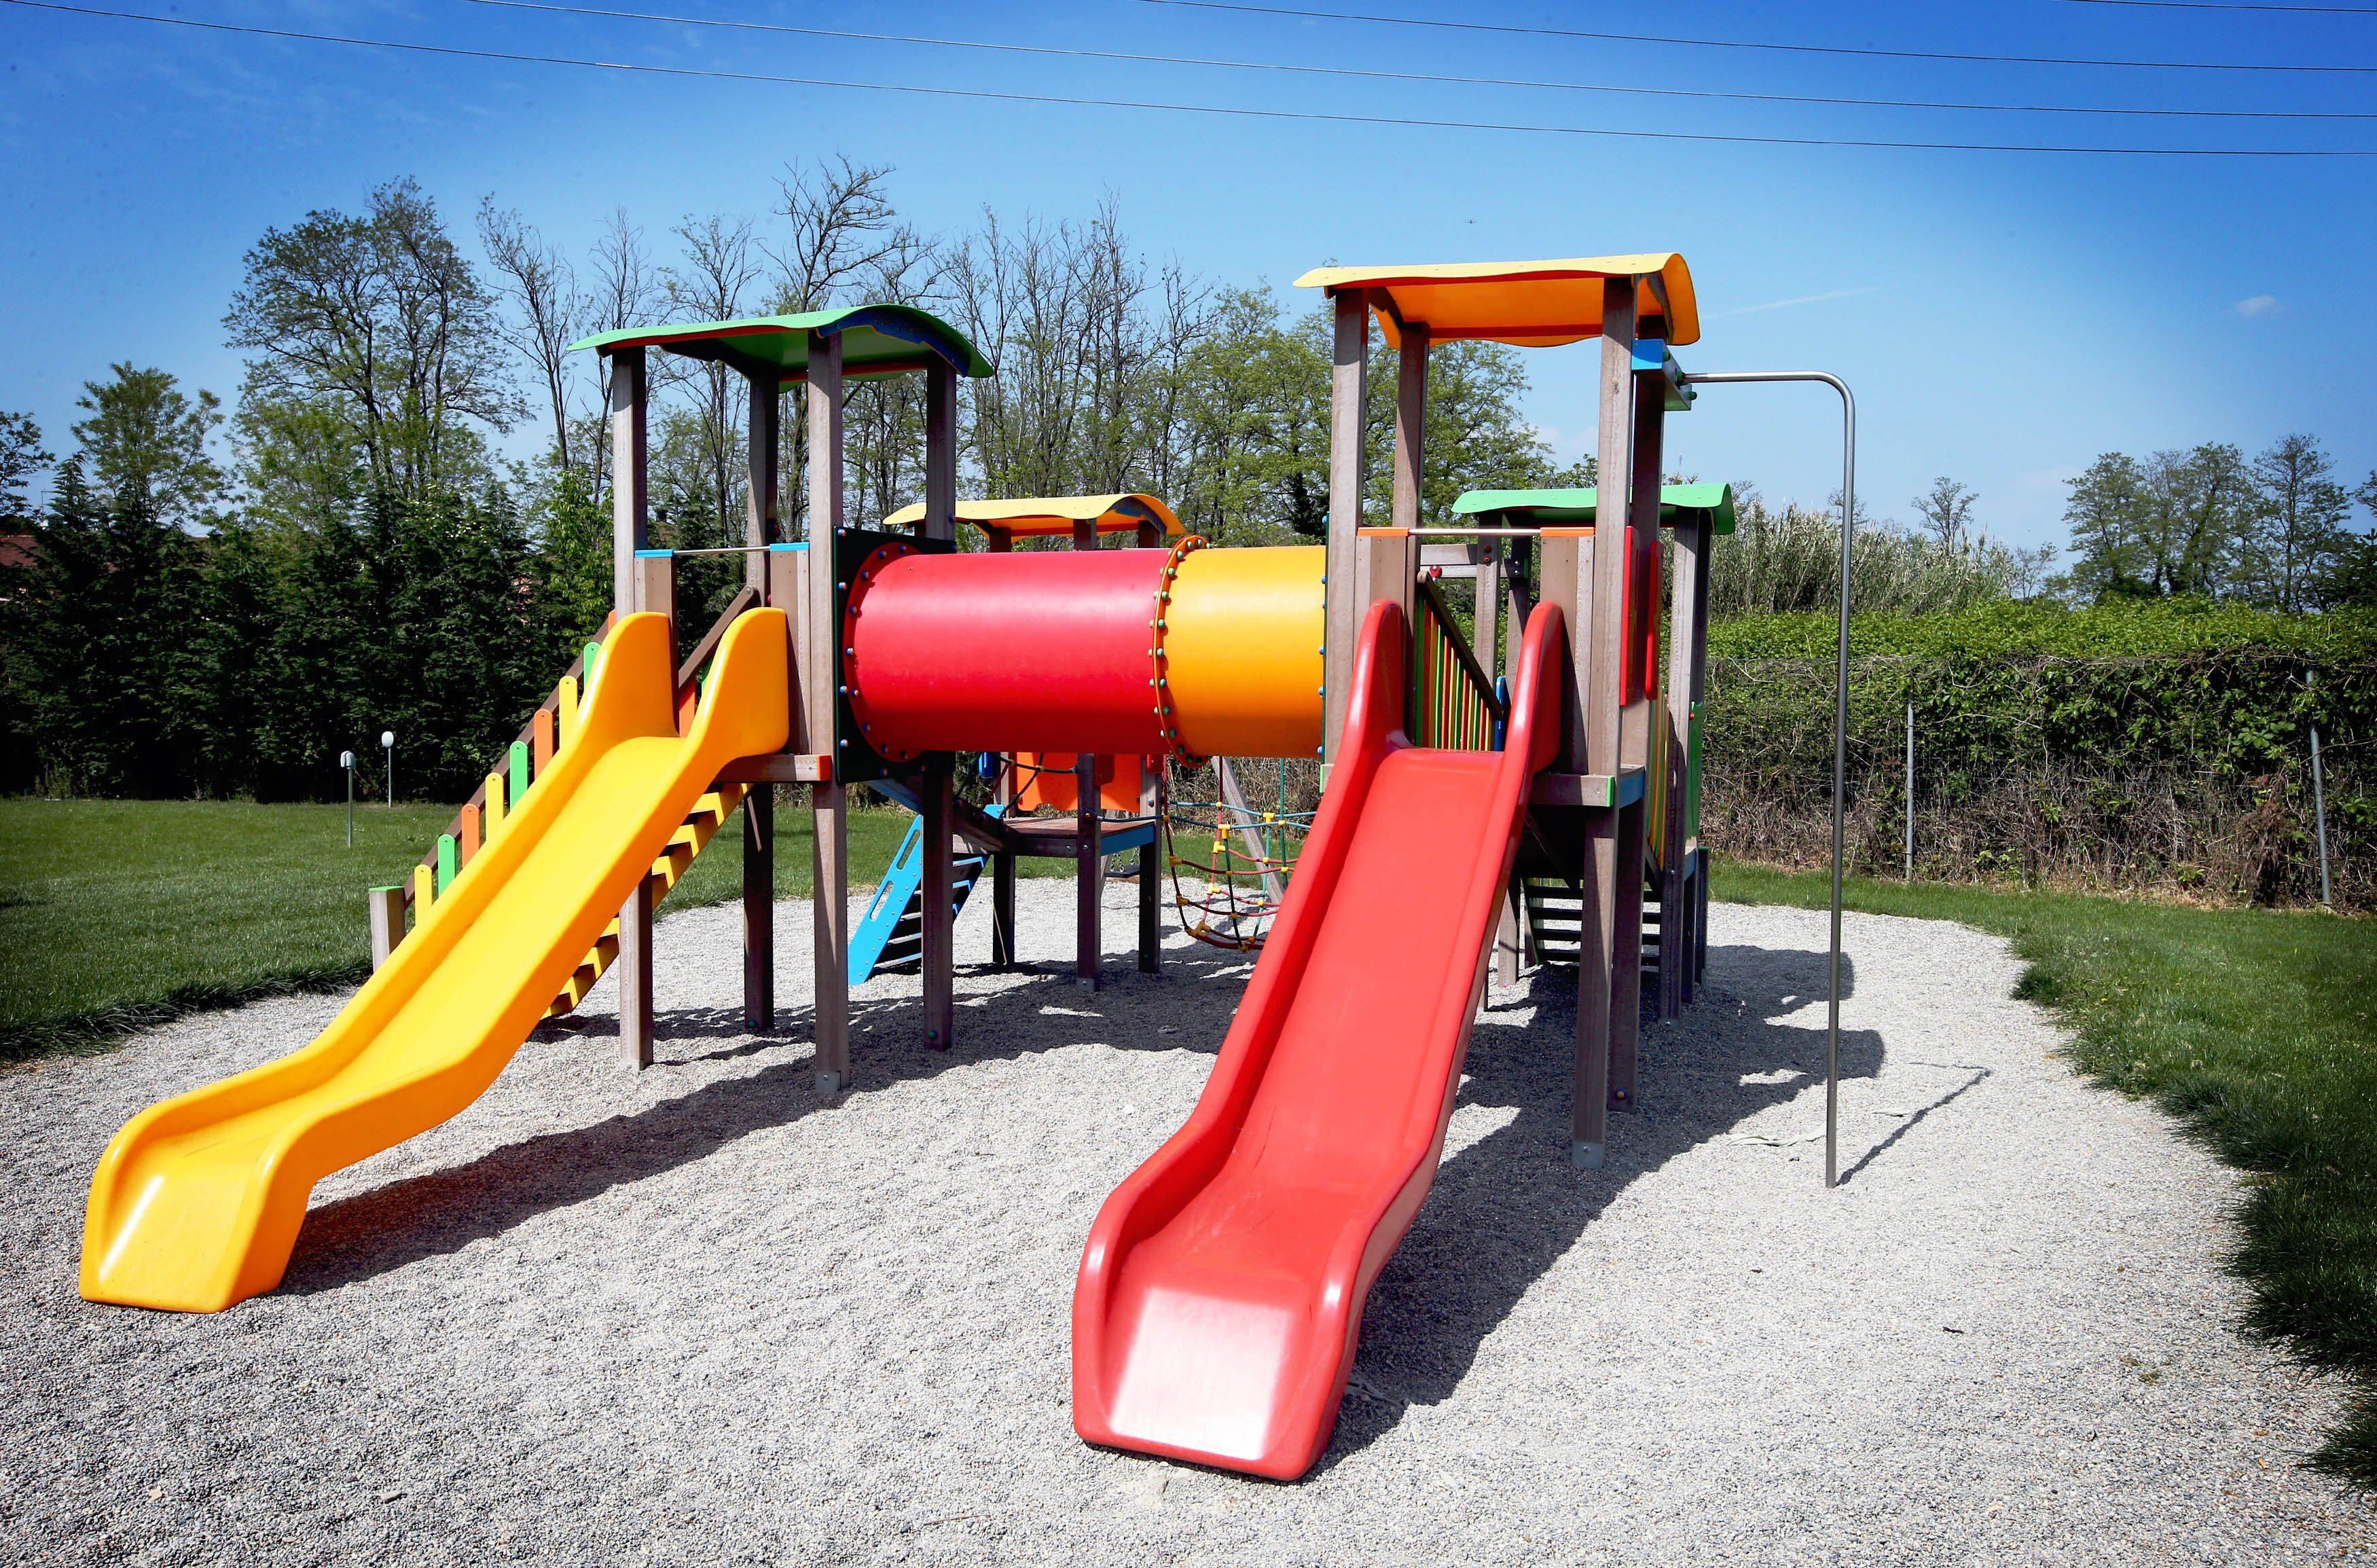 Arredi Urbani In Plastica Riciclata.La Prima Area Giochi Per Bambini In Plastica Riciclata